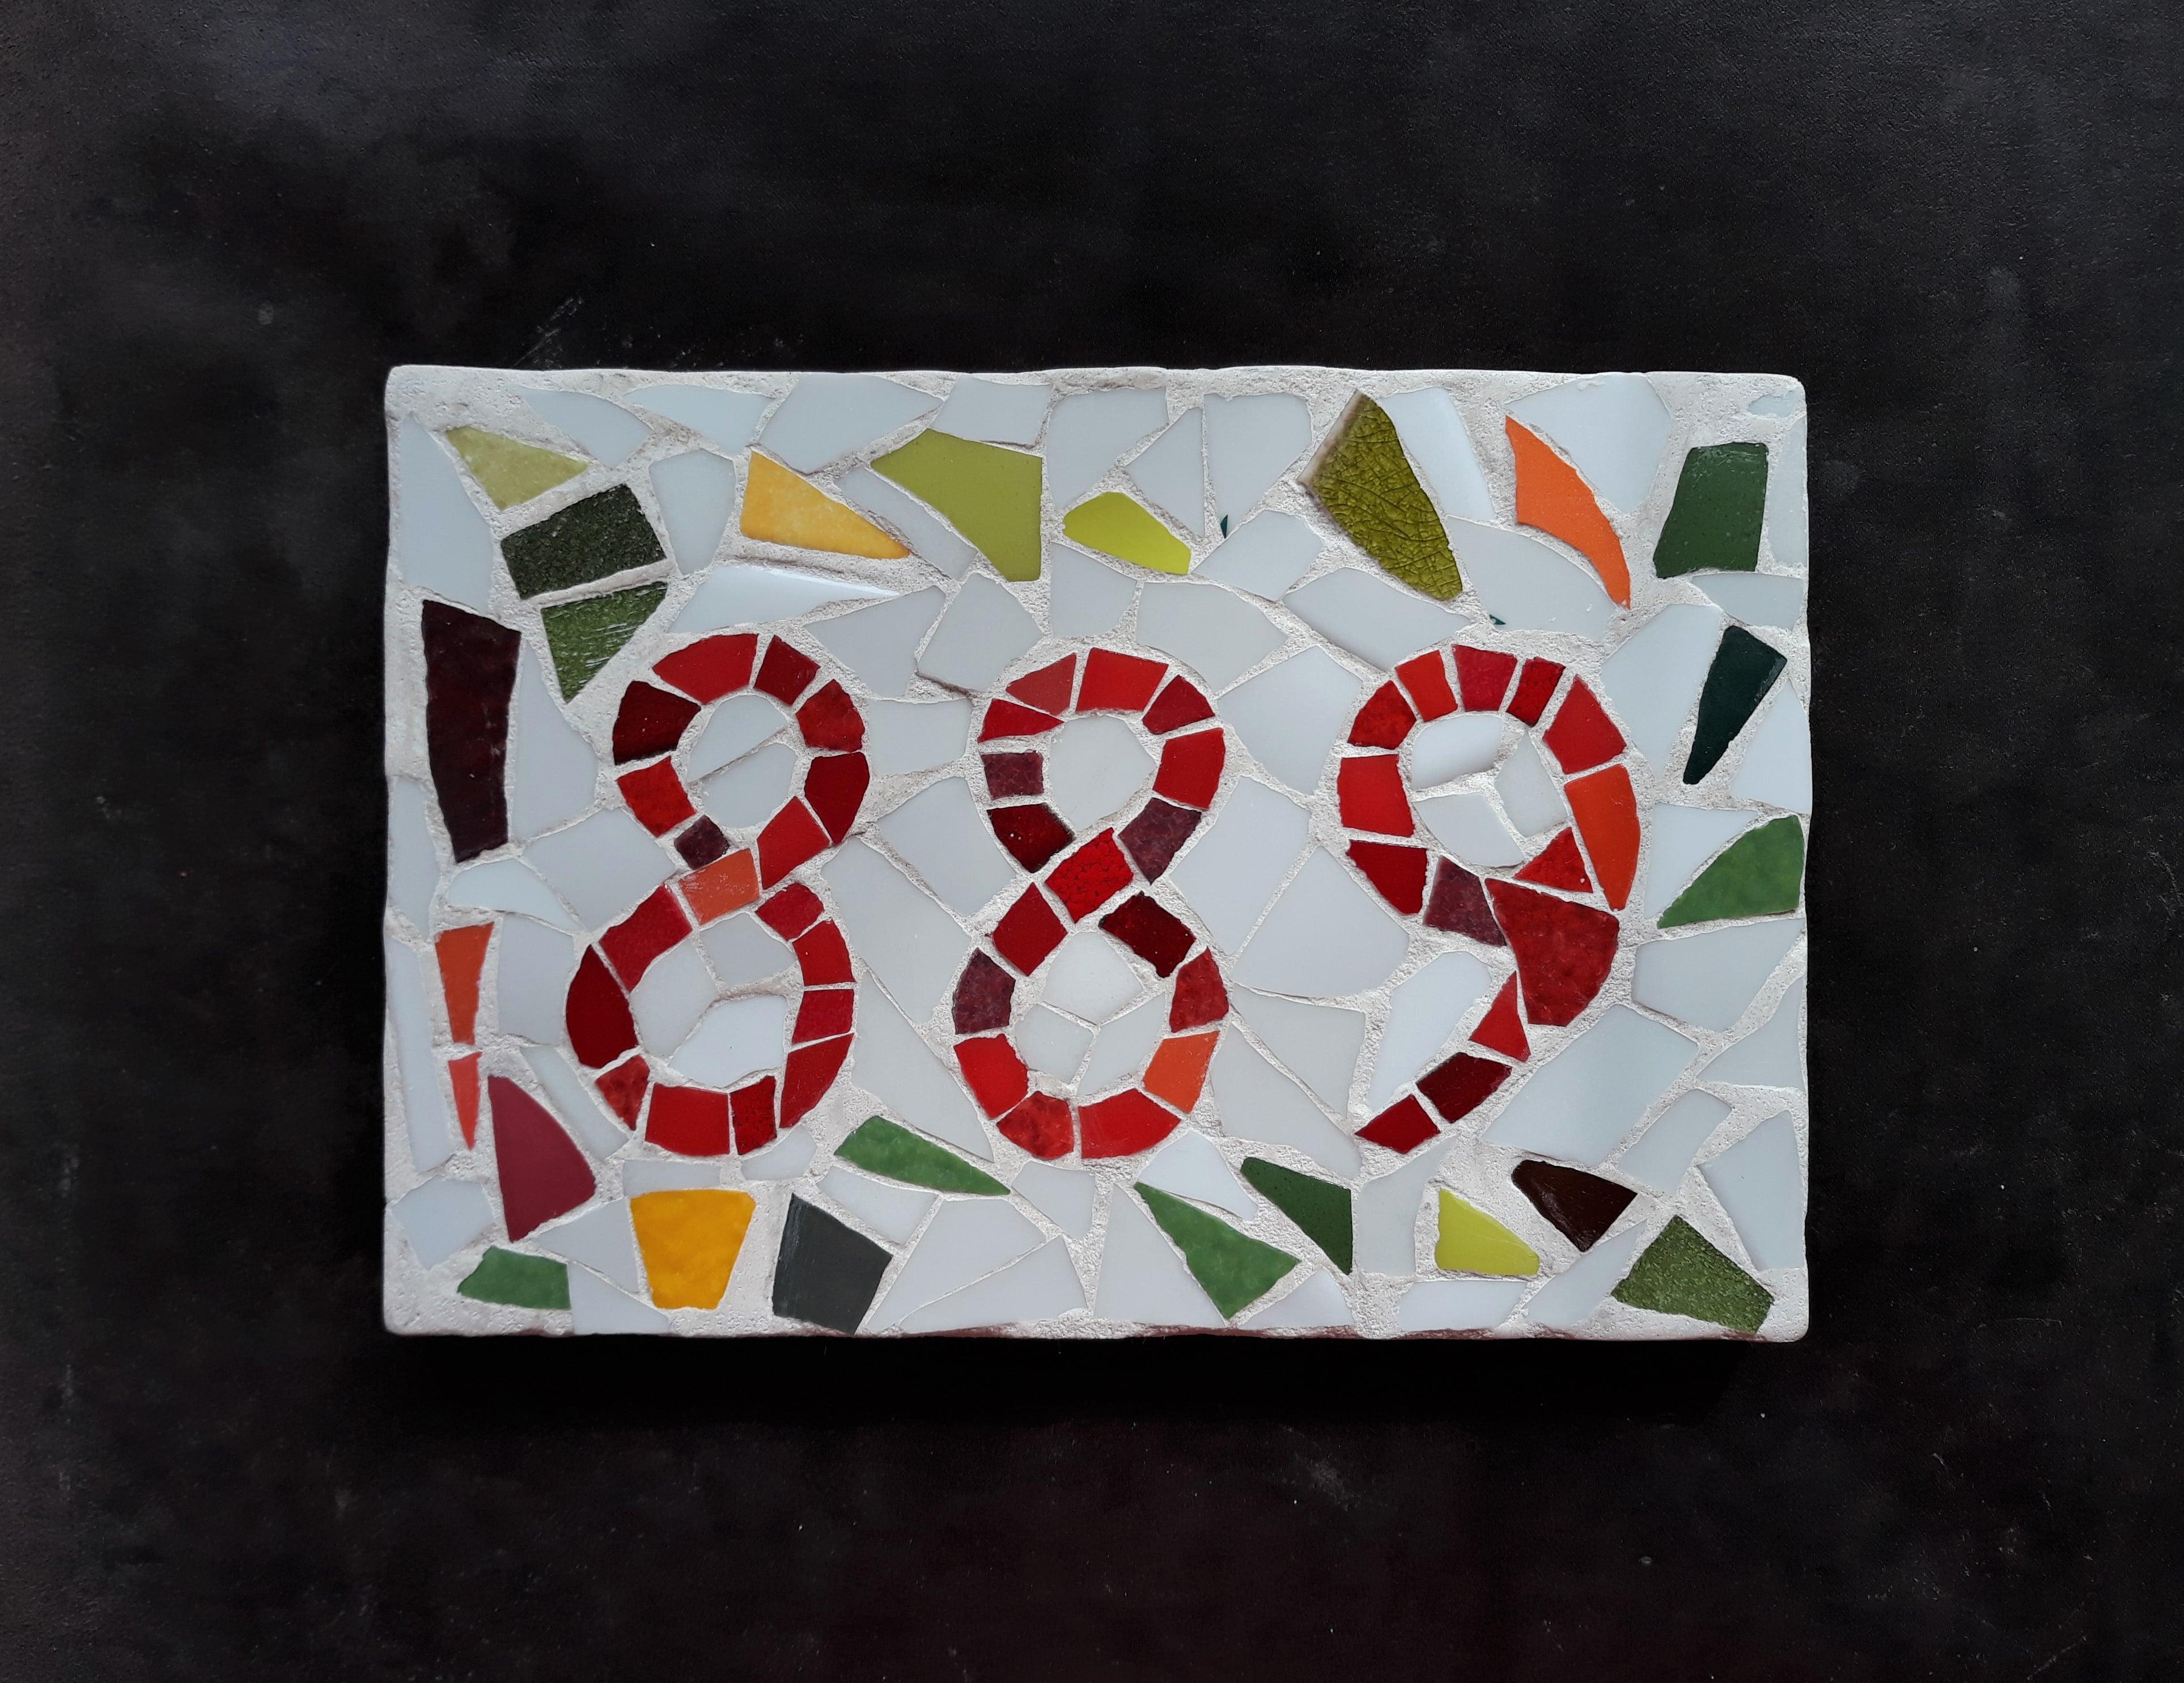 plaque de numéro de maison avec des matériaux de récupération